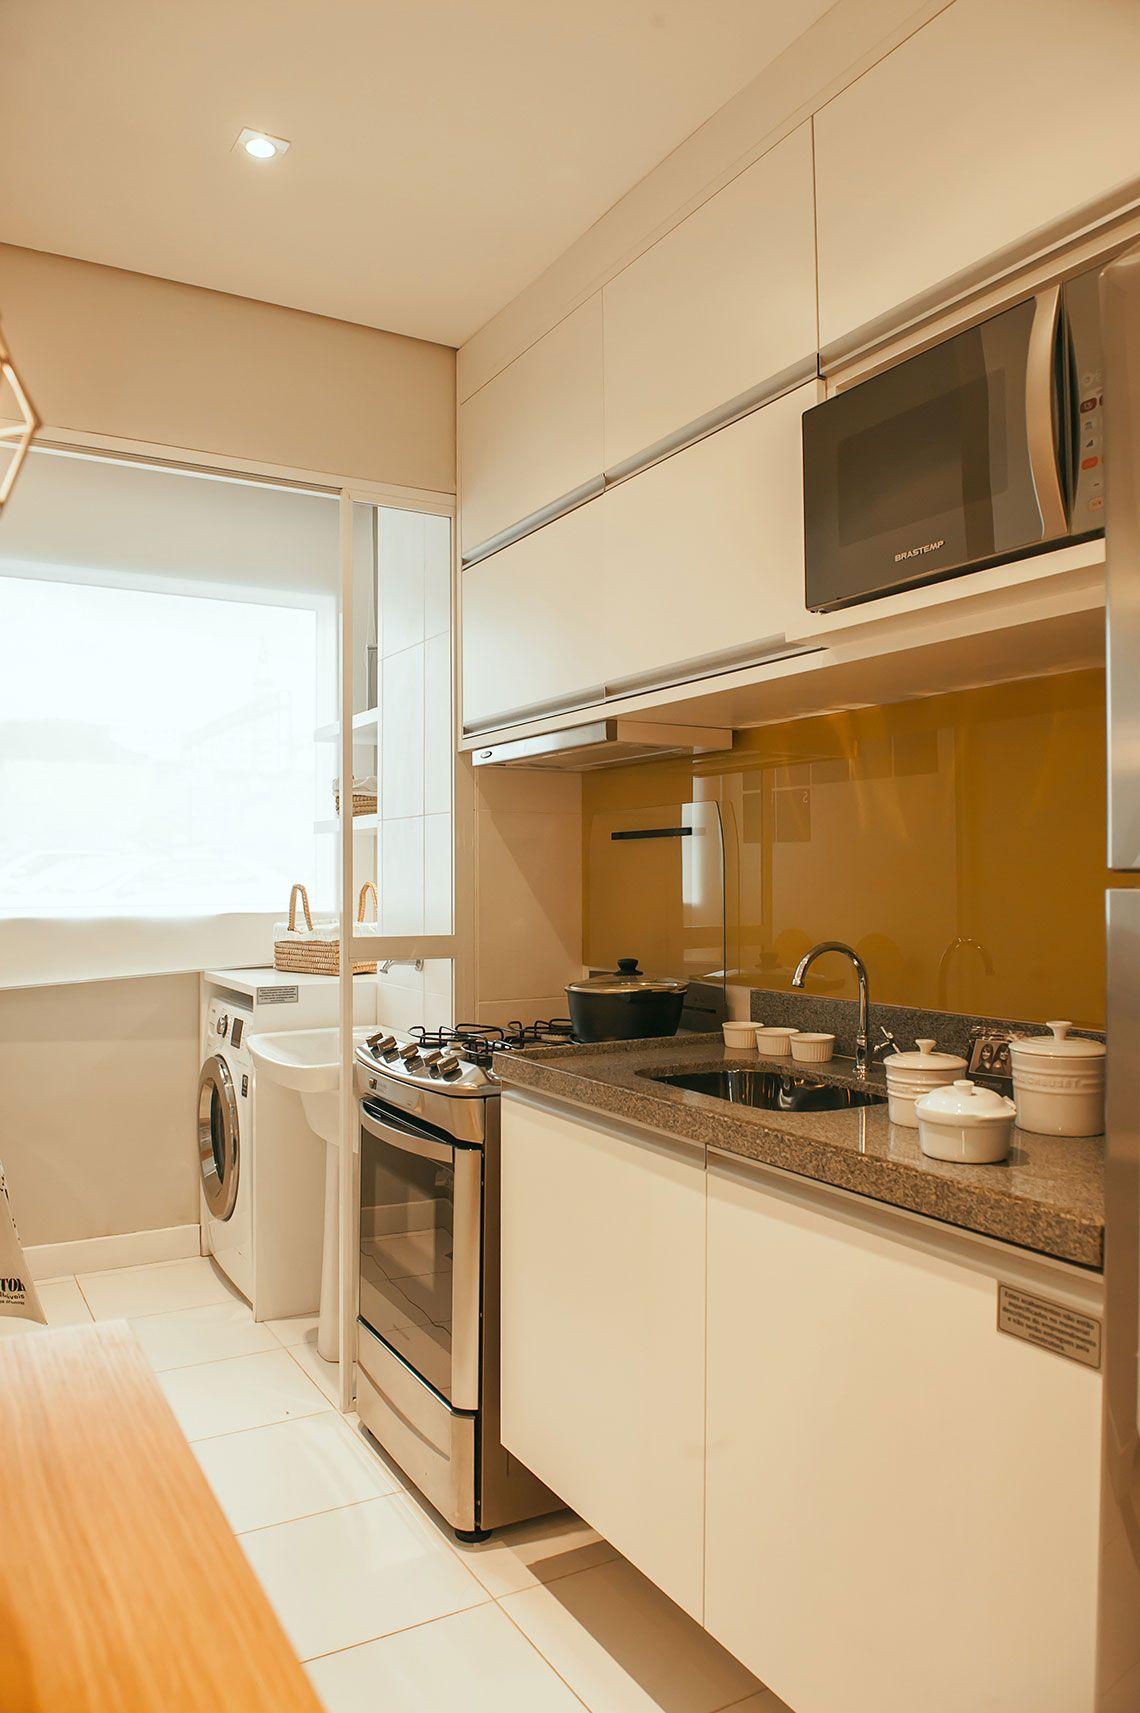 Cozinha e lavanderia apartamentos pequenos 33 m2 for Modelo de departamento pequeno